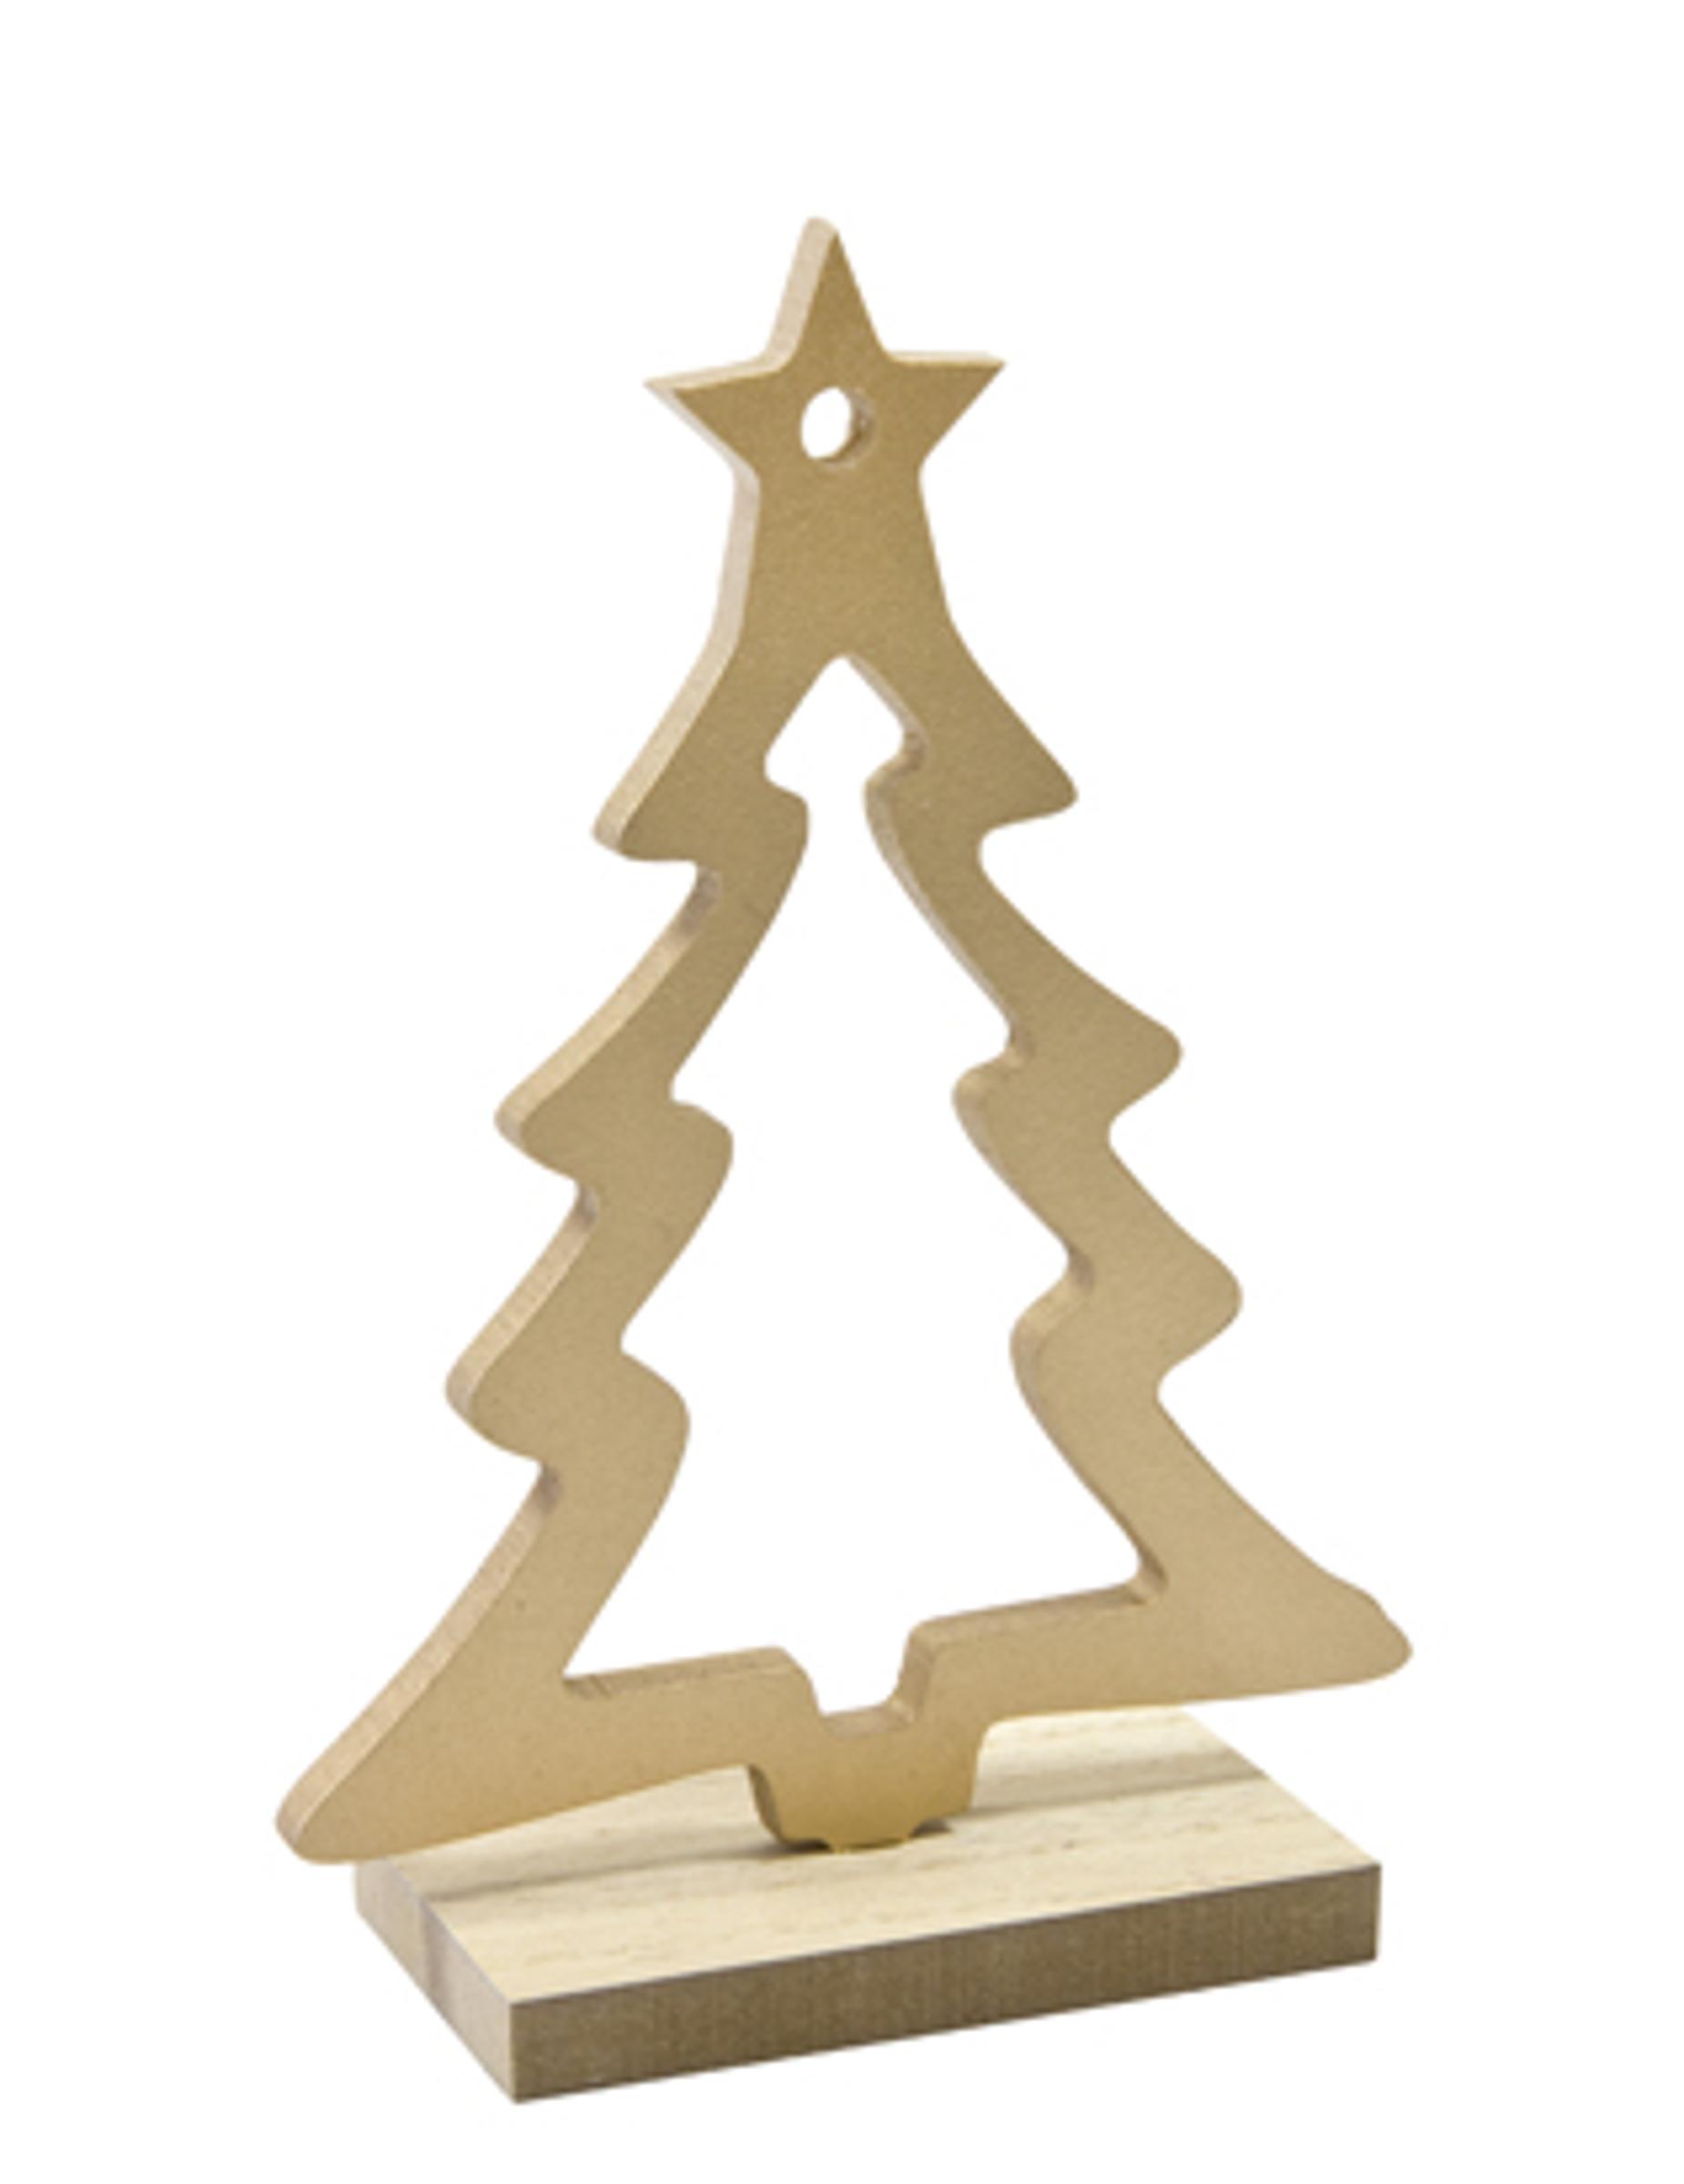 Albero Di Natale In Legno.Decorazione Di Legno Albero Di Natale Dorato Su Vegaooparty Negozio Di Articoli Per Feste